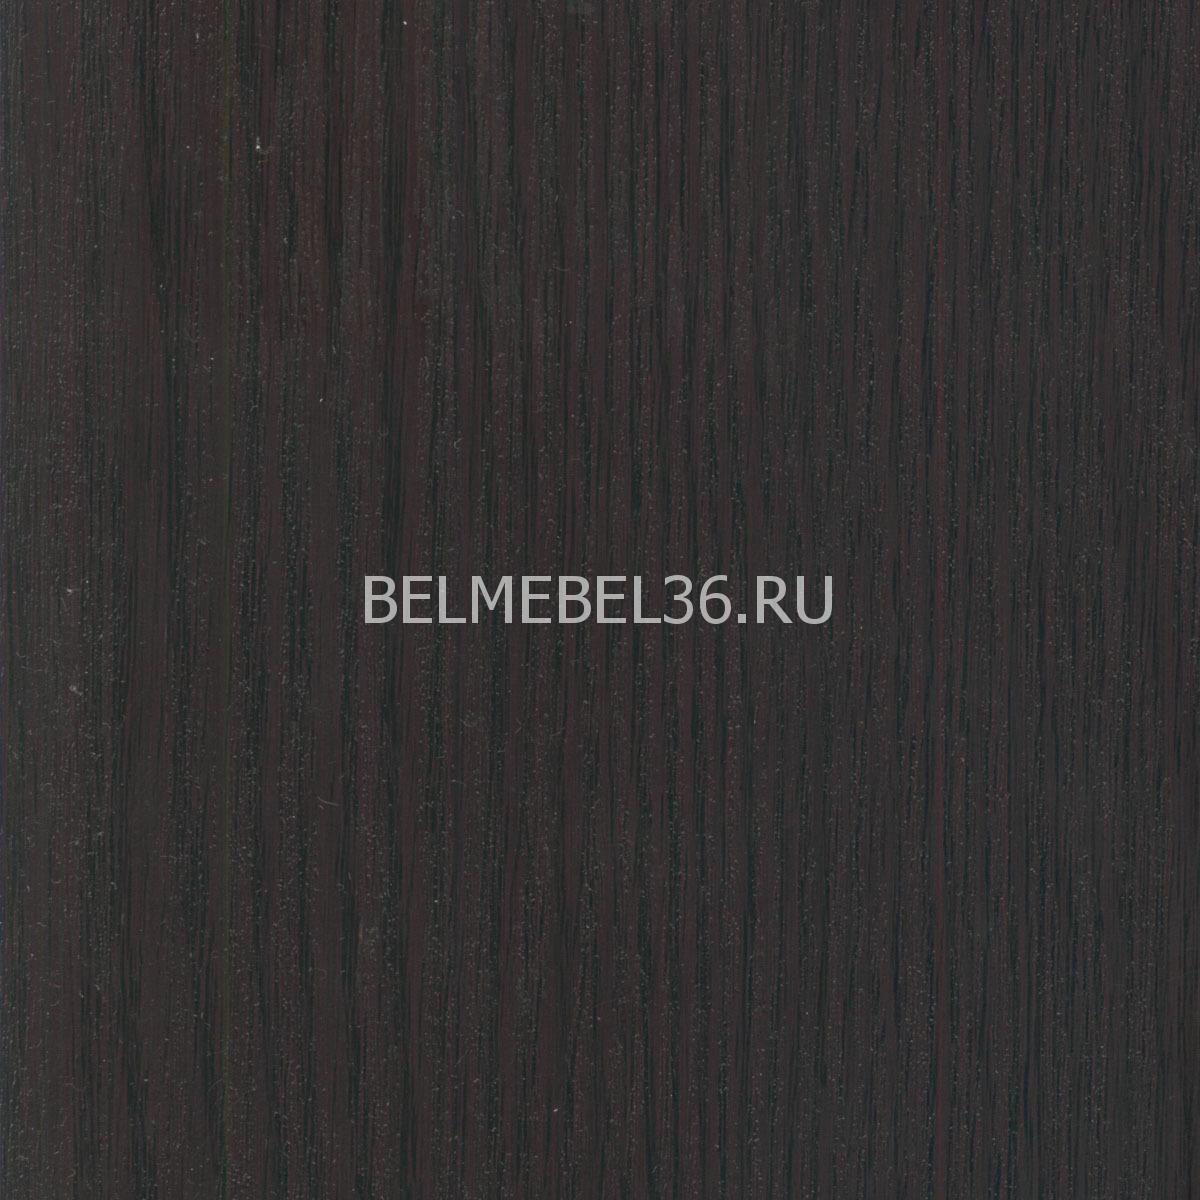 Кресло Астра-2 (12) на основе пружинного блока П-Д141 | Белорусская мебель в Воронеже